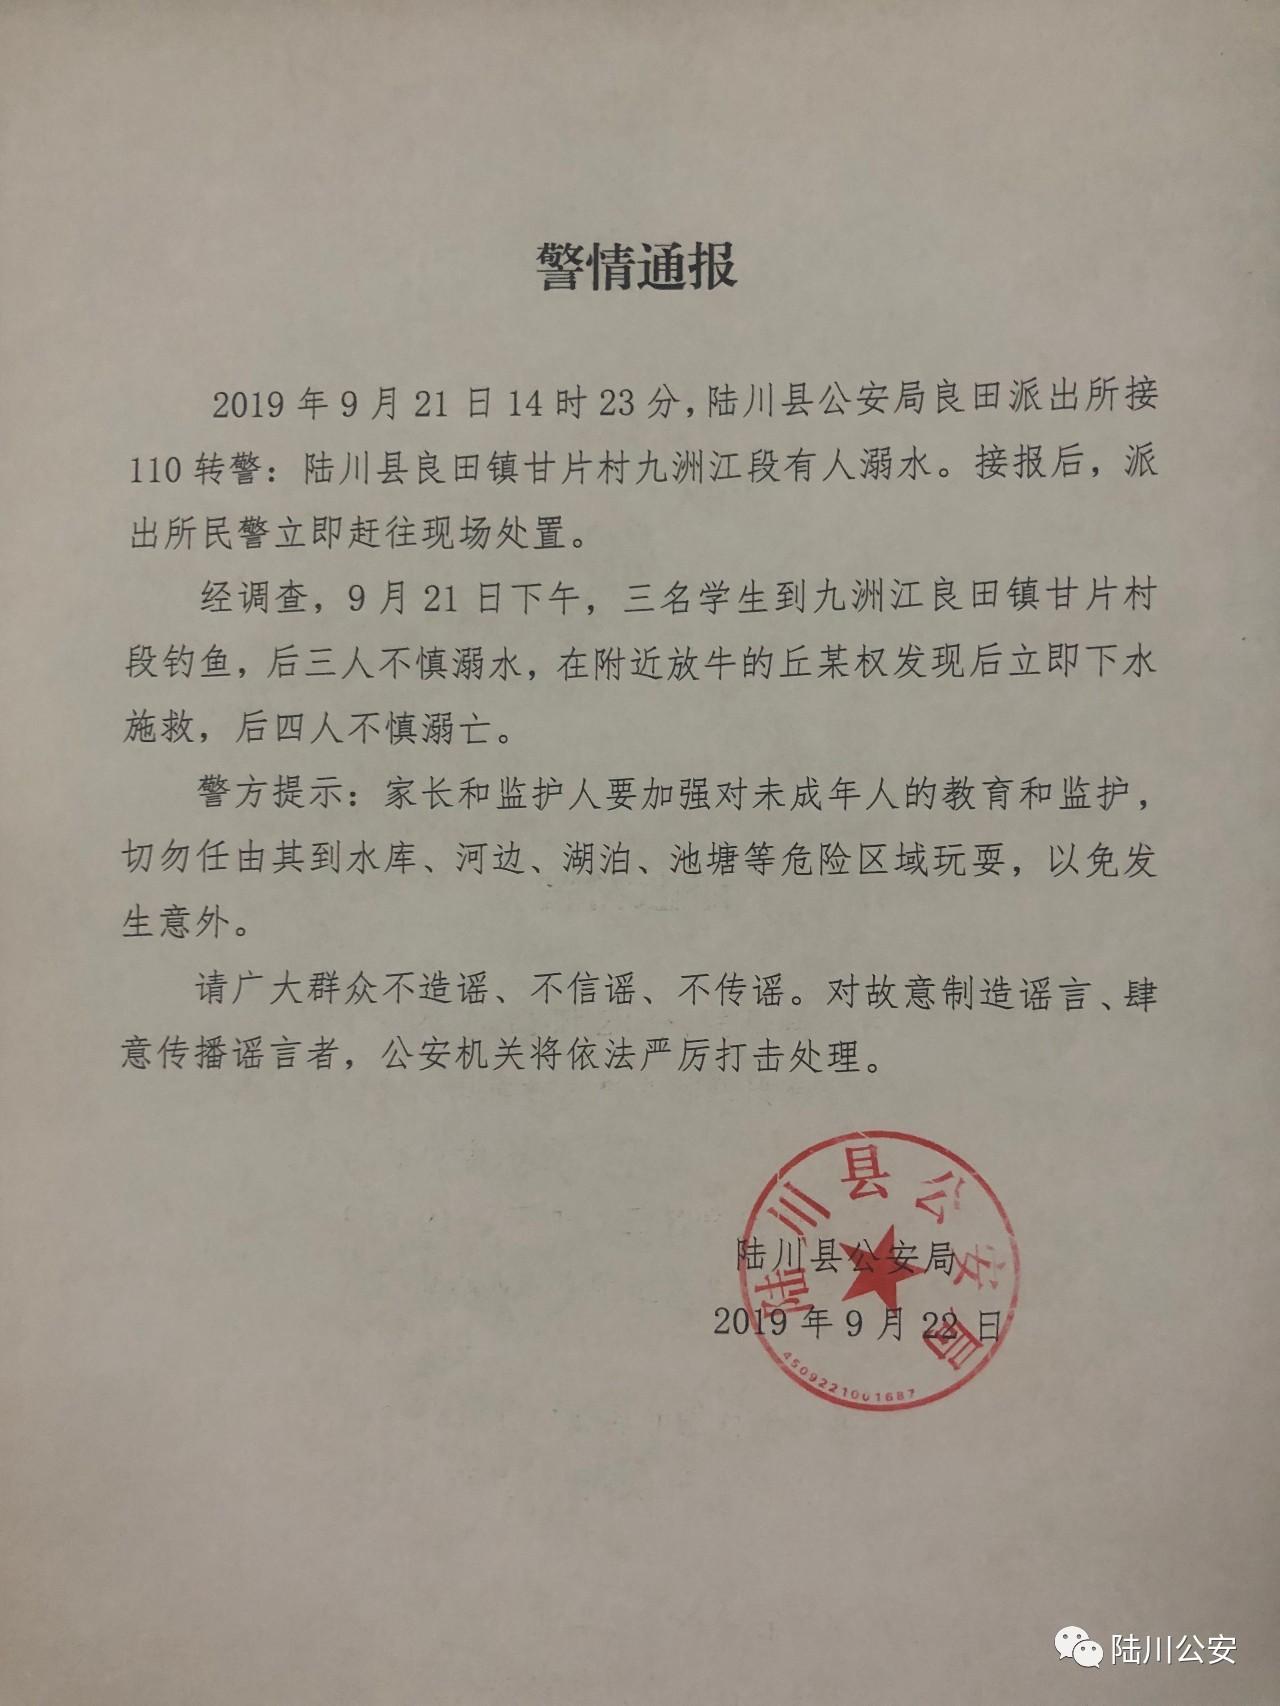 广西陆川三名学生钓鱼不慎溺水:一人下水施救,四人全部溺亡